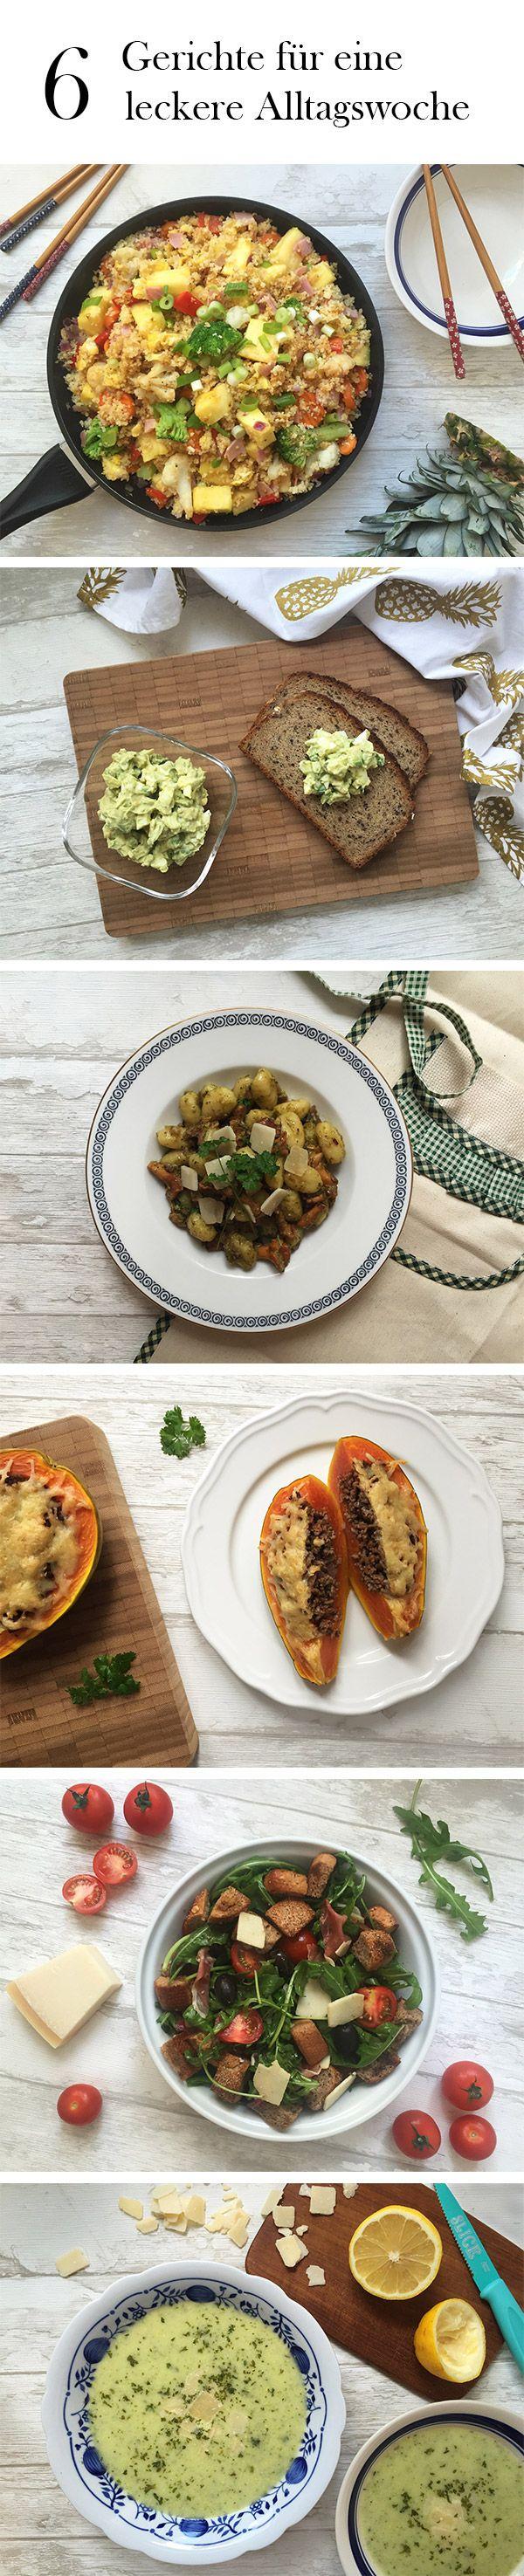 """Der Wochenplan """"Leckere Arbeitswoche"""" ist ein wahrer Schlemmerplan. In dieser Woche gibt es von asiatischer Fusionküche und exotische Früchten alles bis hin zu italienischen Köstlichkeiten."""